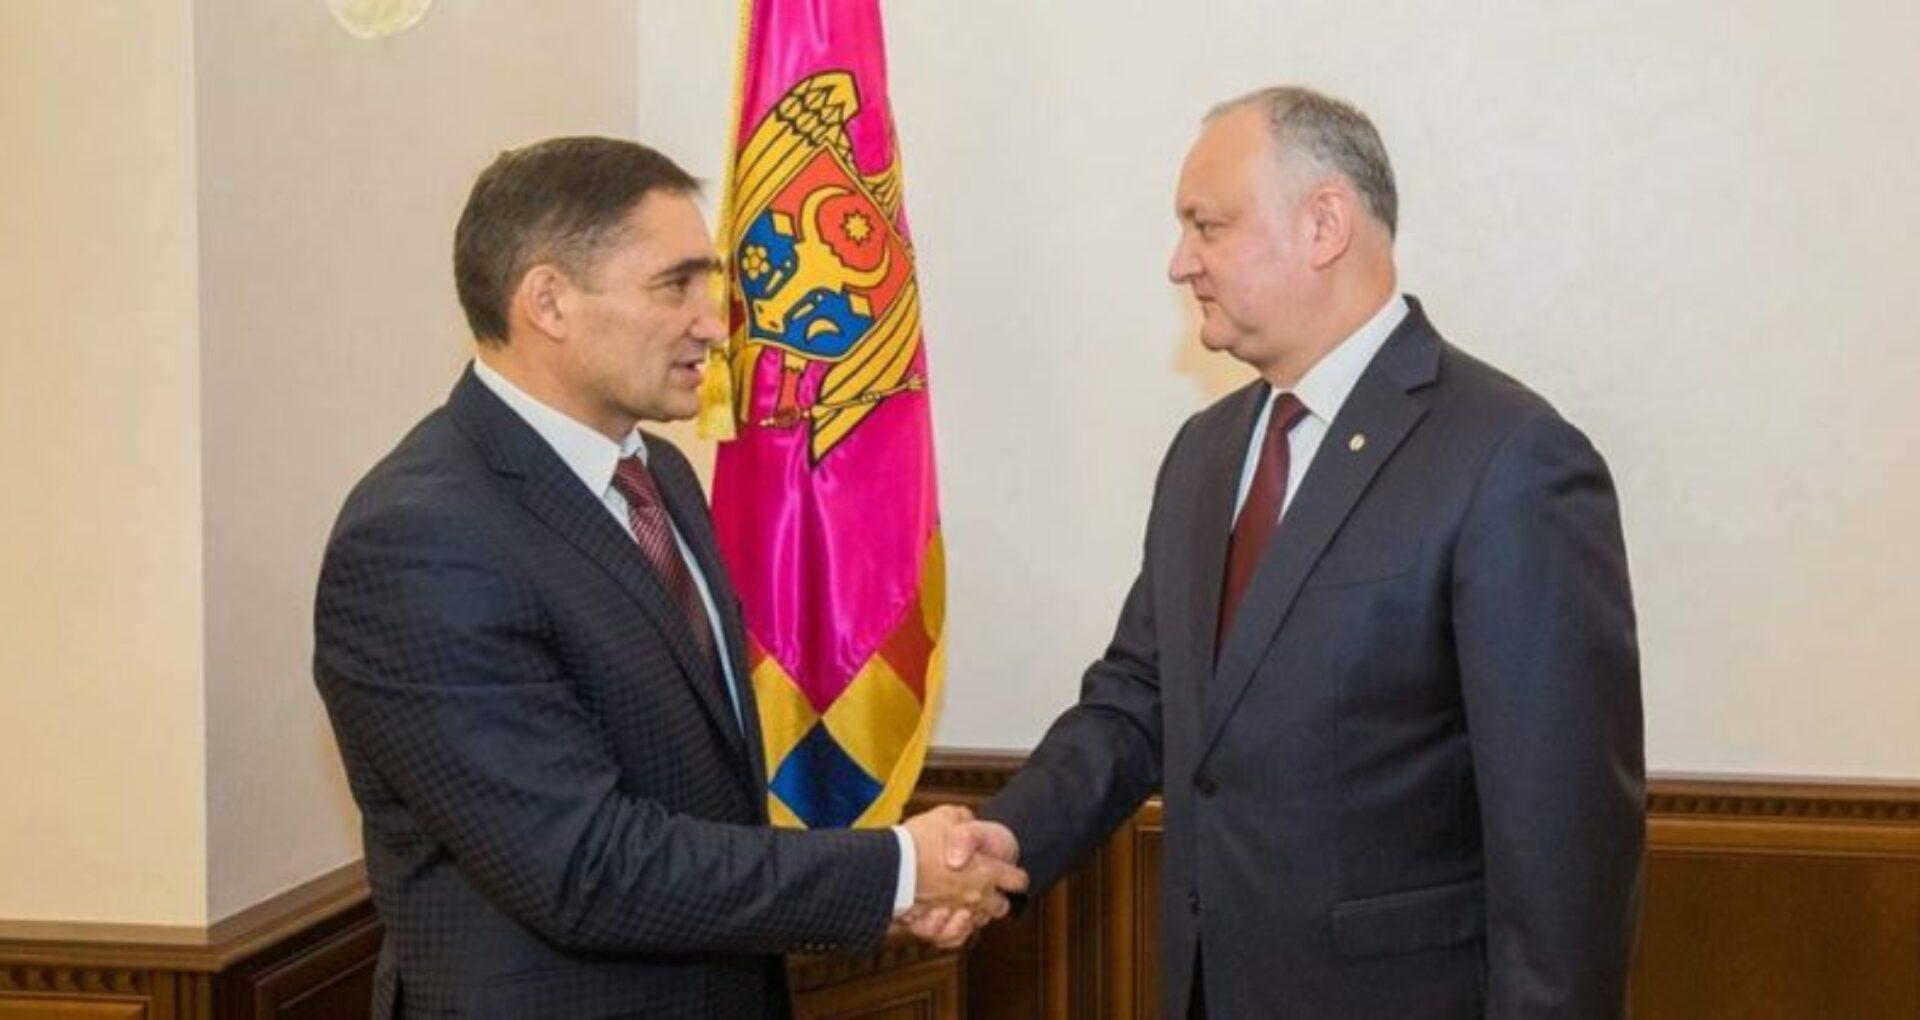 DOC/ Declarația de avere a procurorului general, Alexandr Stoianoglo: Până a fi numit șef la PG a ridicat lunar un salariu de peste 53 de mii de lei